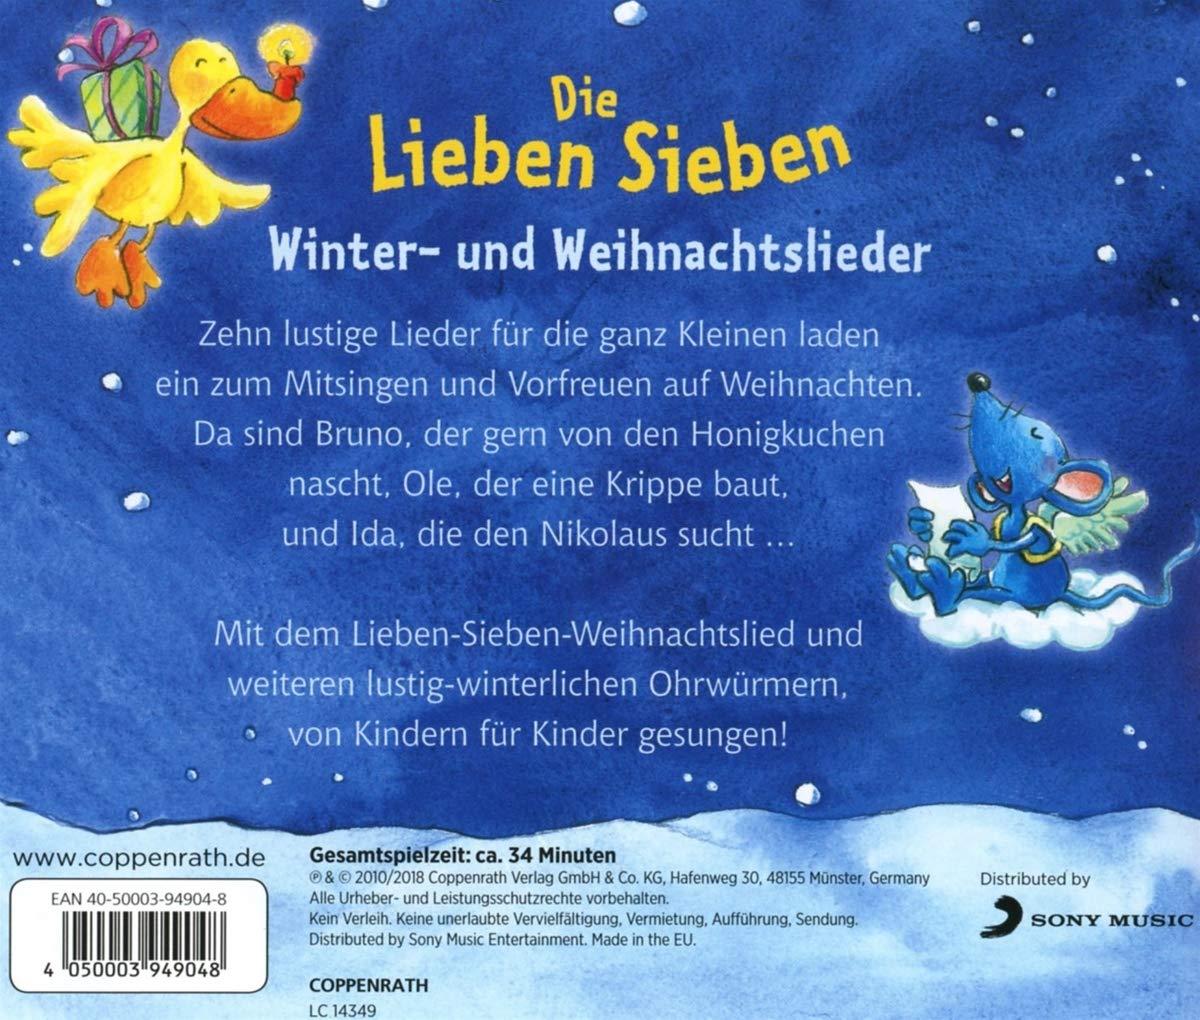 Winter-und Weihnachtslieder - die Lieben Sieben: Amazon.de: Musik